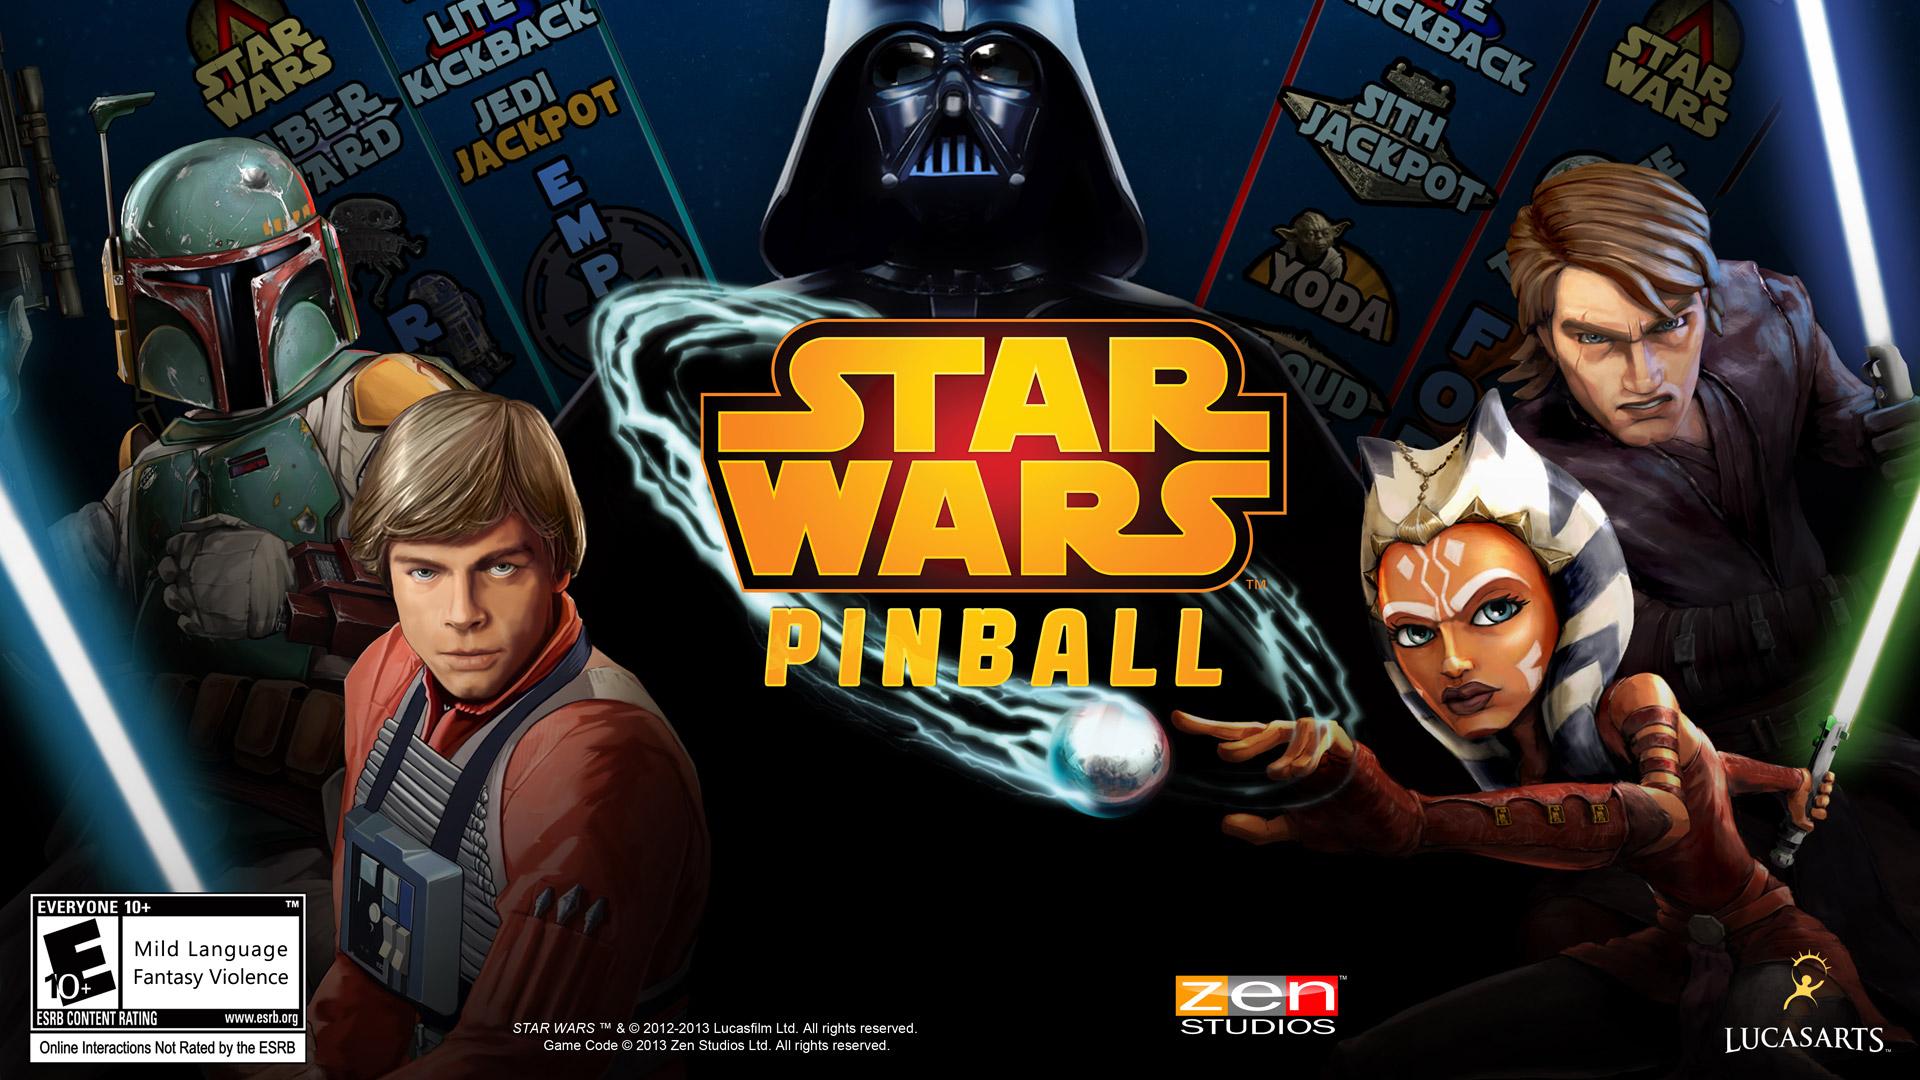 Free Star Wars Pinball Wallpaper in 1920x1080